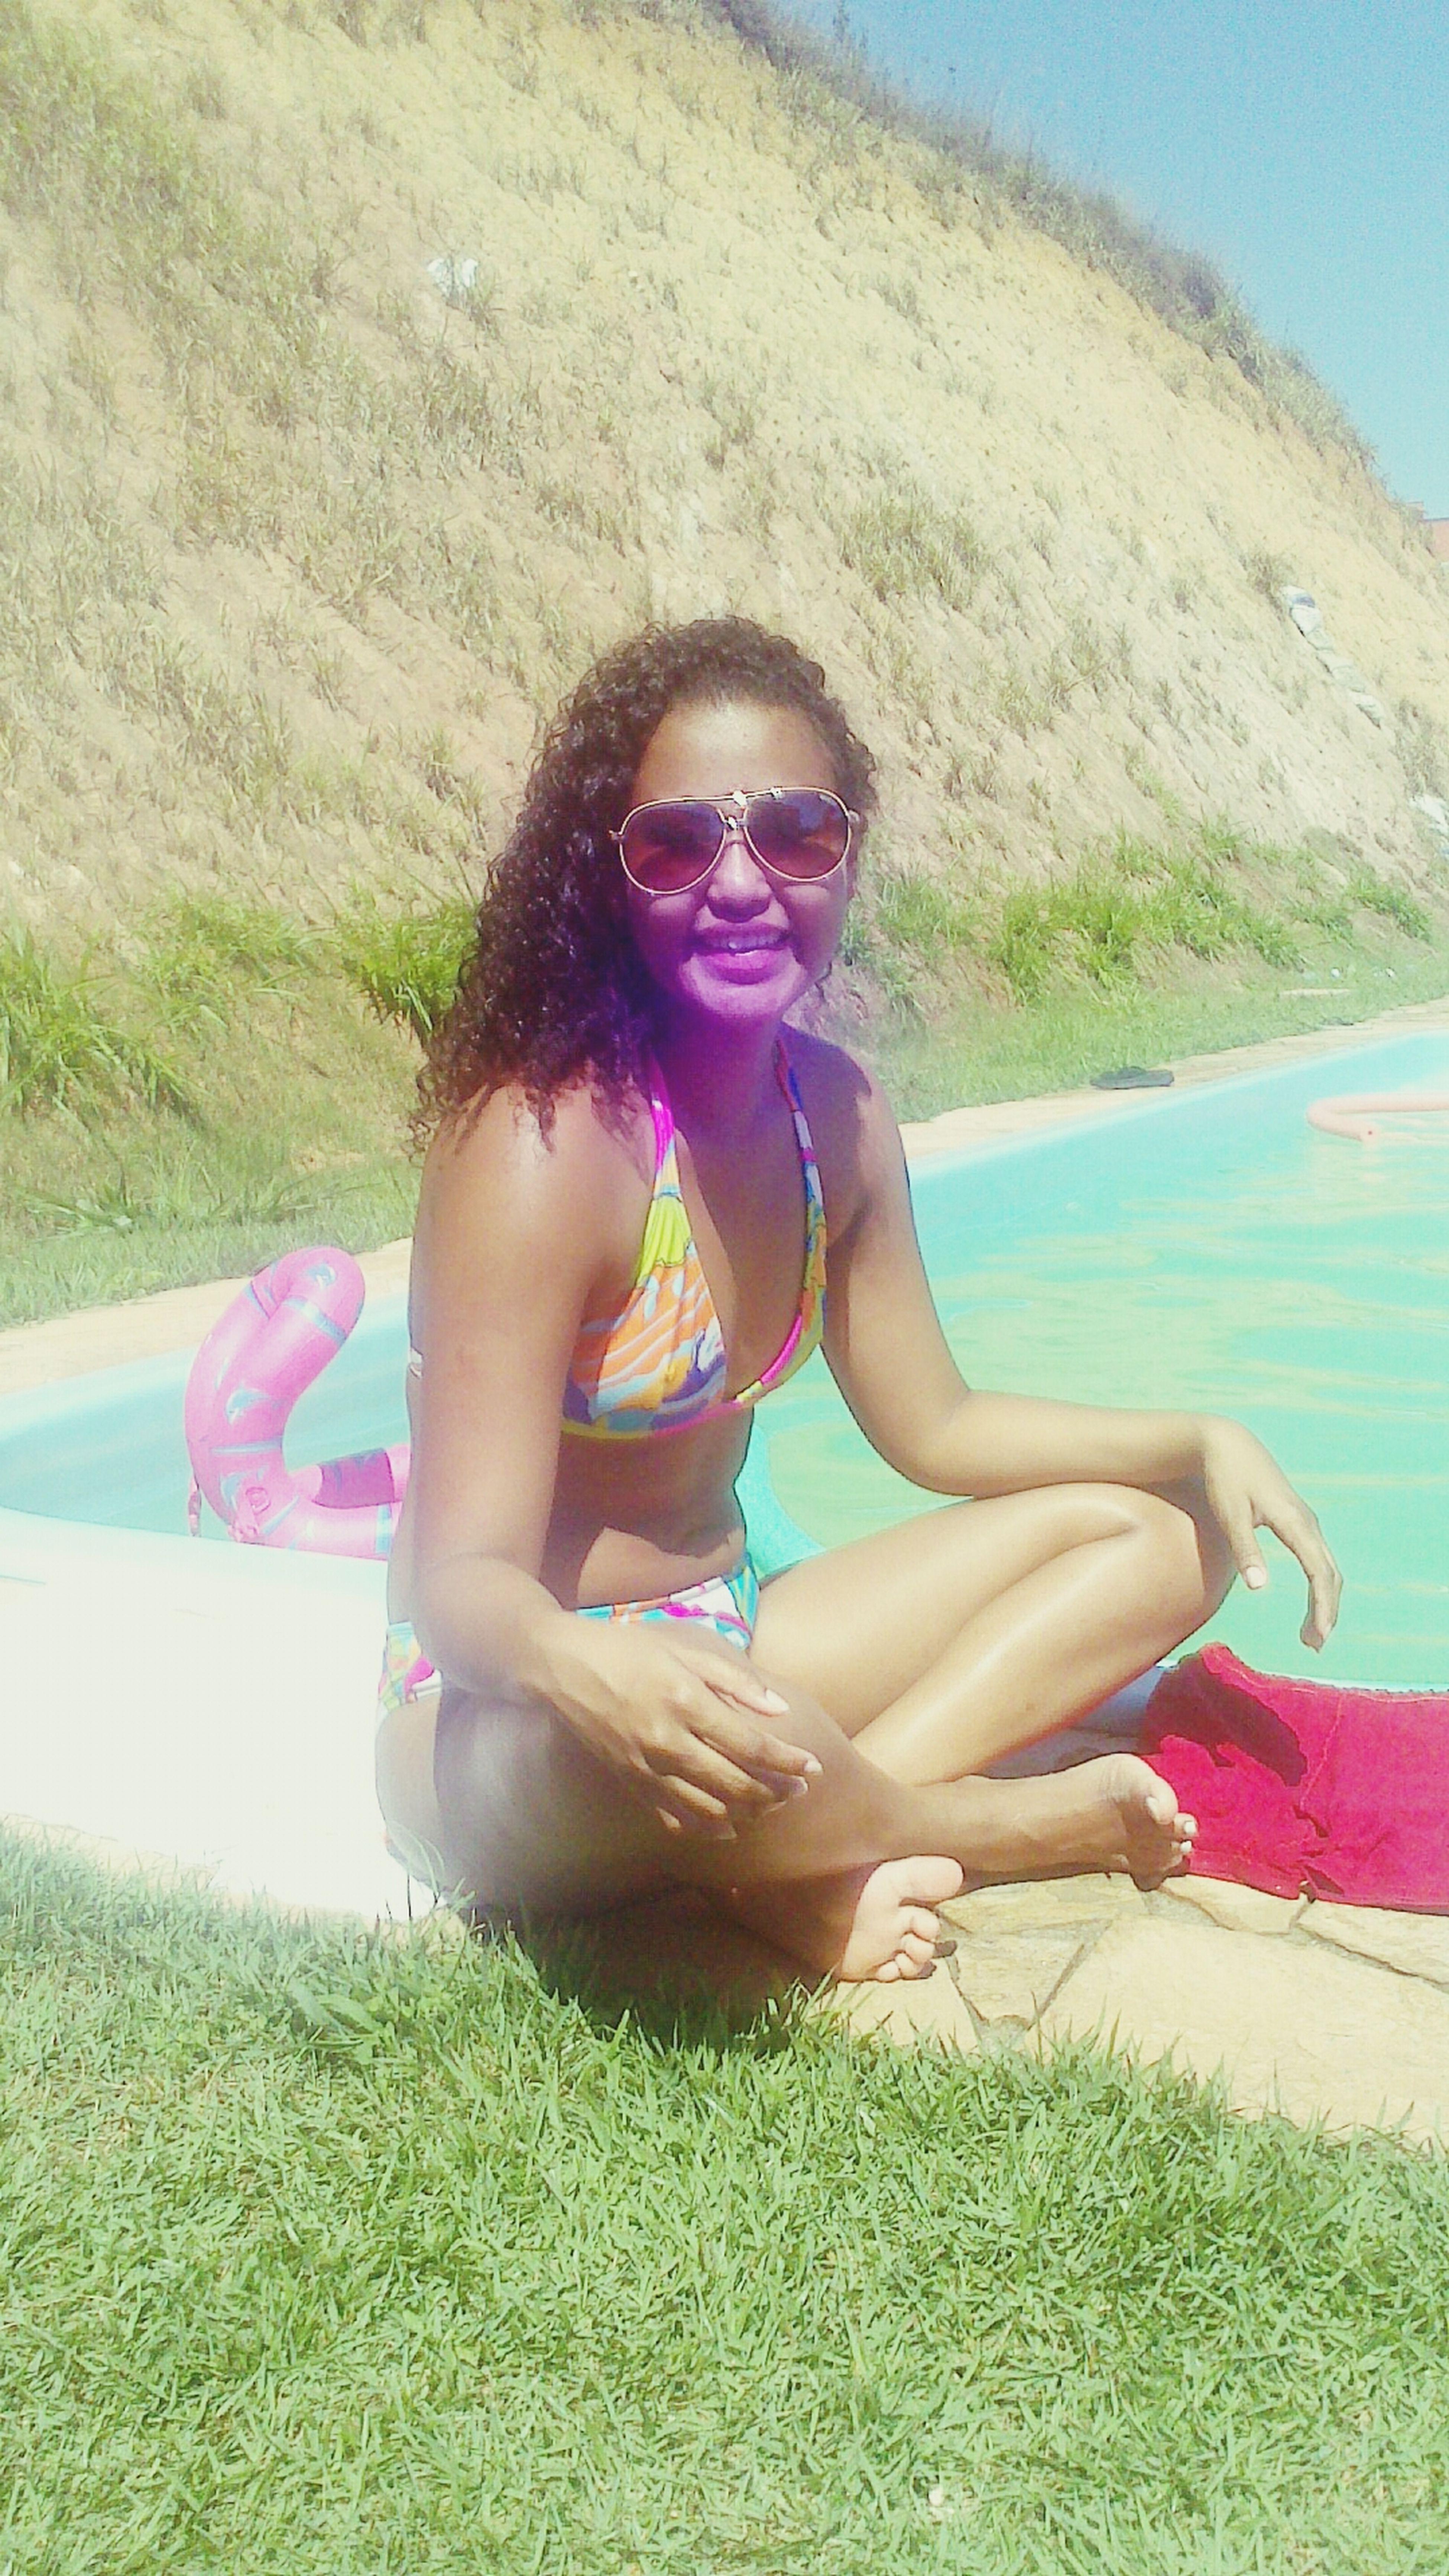 Caraca boy's que dia que isso..... sol praia piscina gandaia.... só pra relaxar... ♬ ♬ Turistando. Piscina Feriadão. Replay ♬ ♬